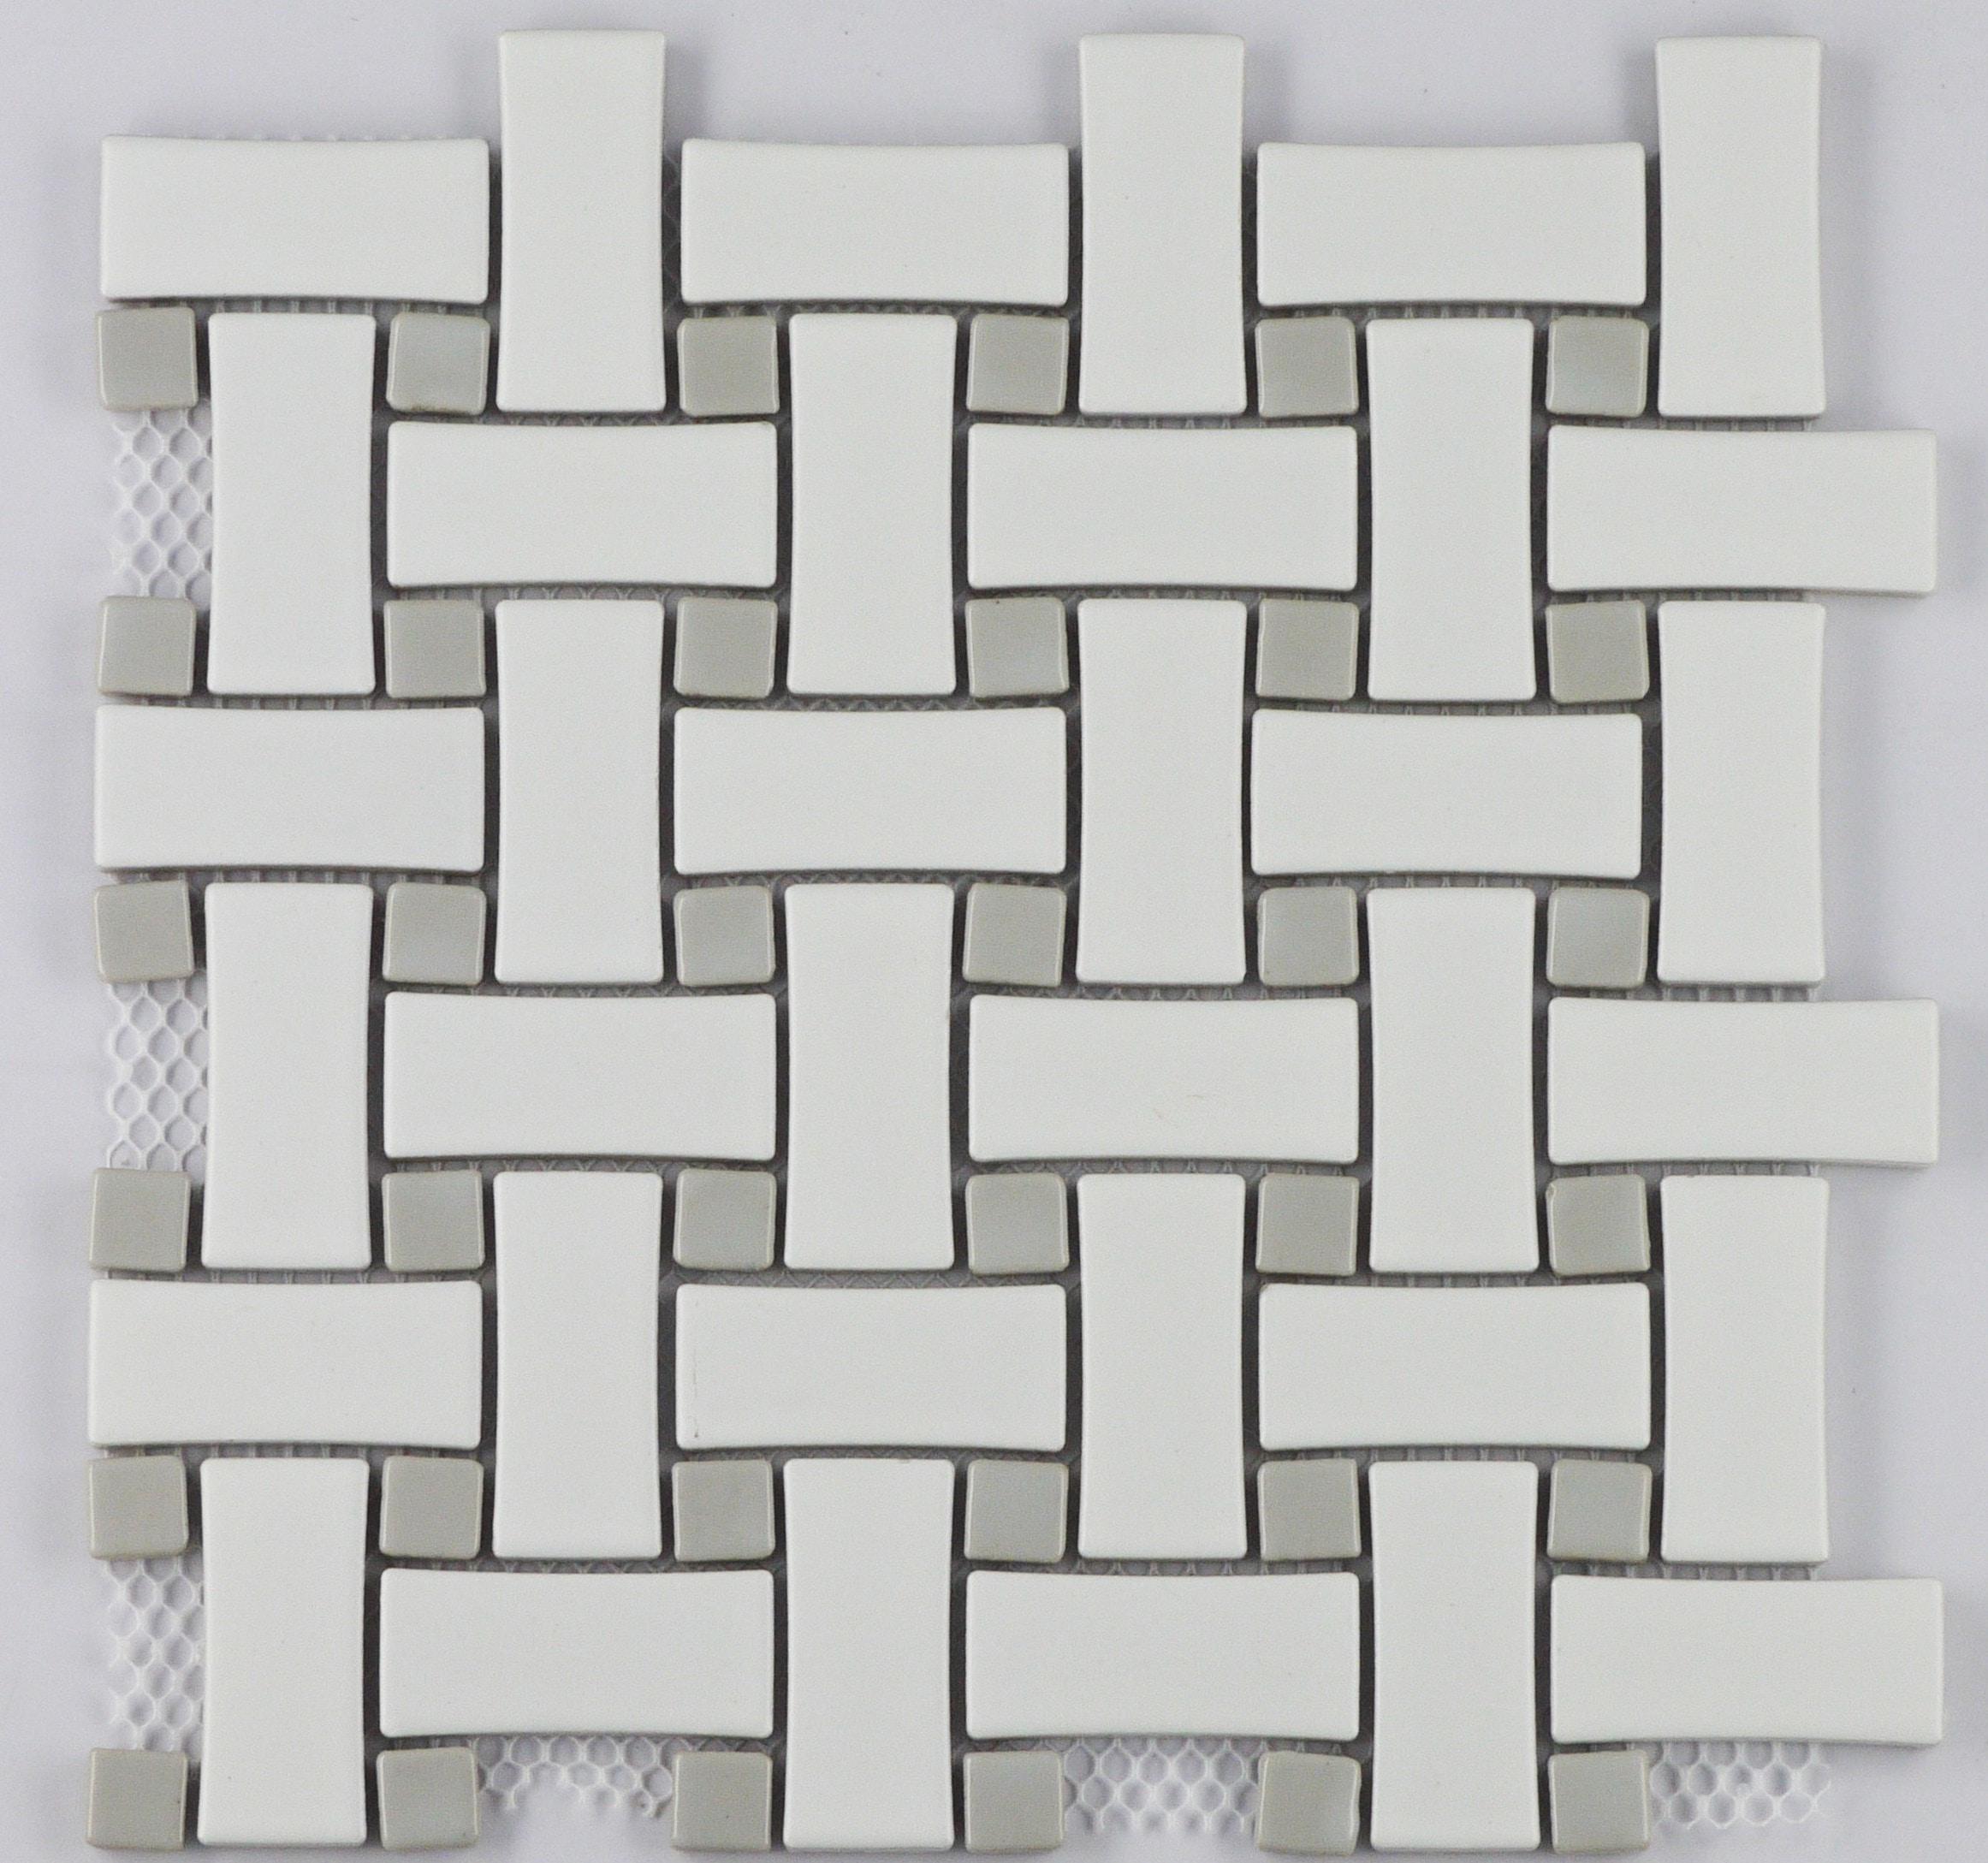 White Matte w/ Grey Gloss Dot / Matte Finish with Glazed Insert Porcelain Mosaic Basketweave Pattern 0